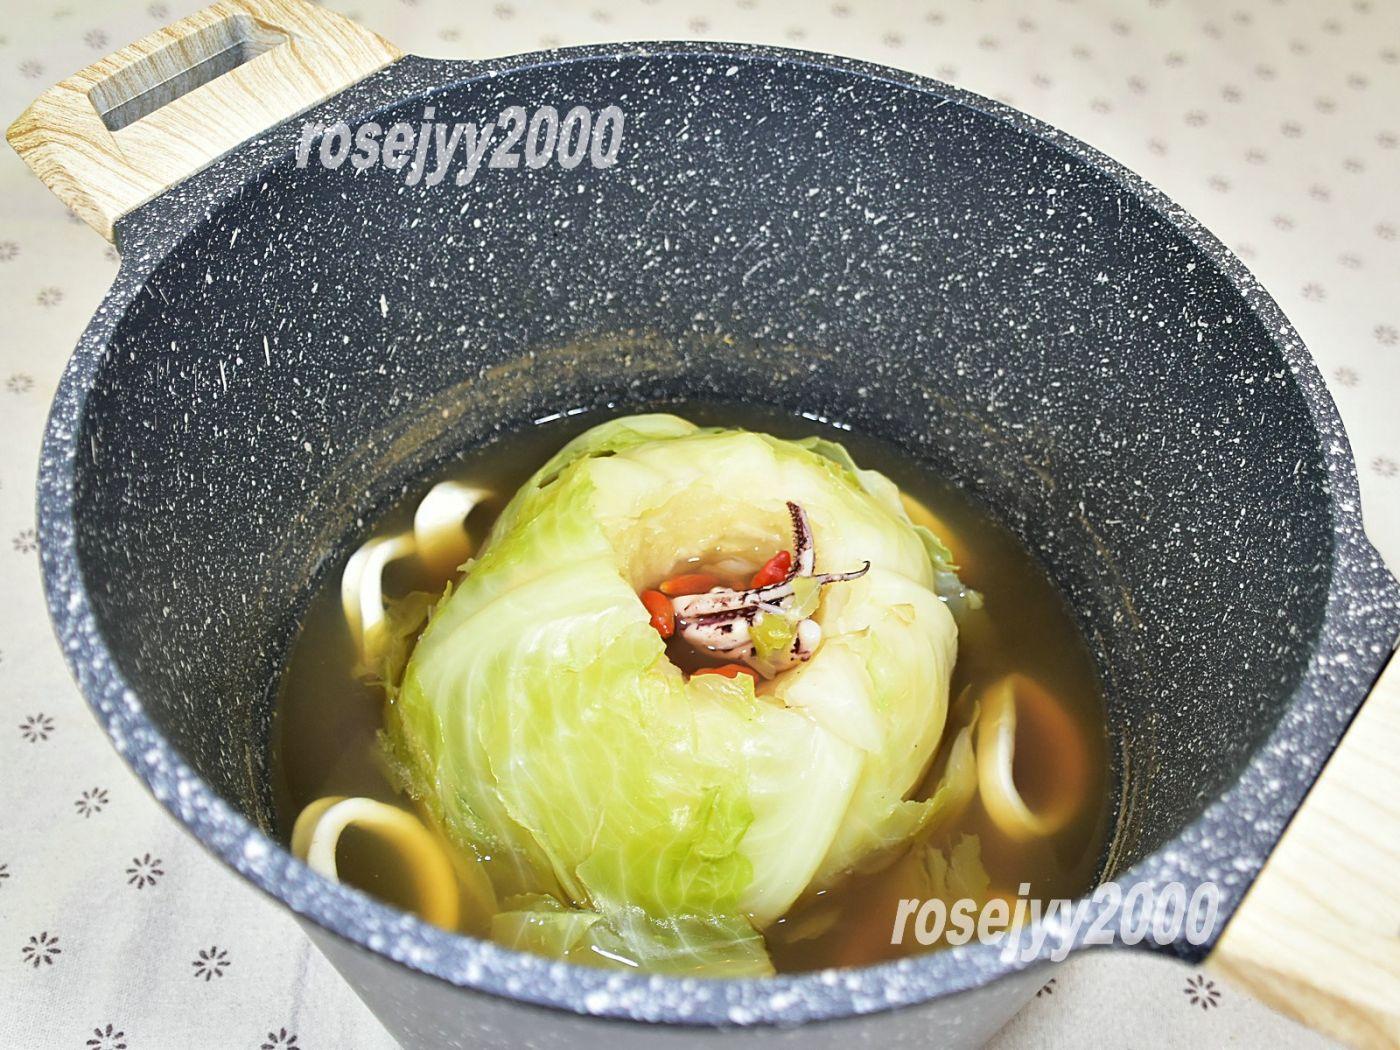 椰菜海鲜汤_图1-1